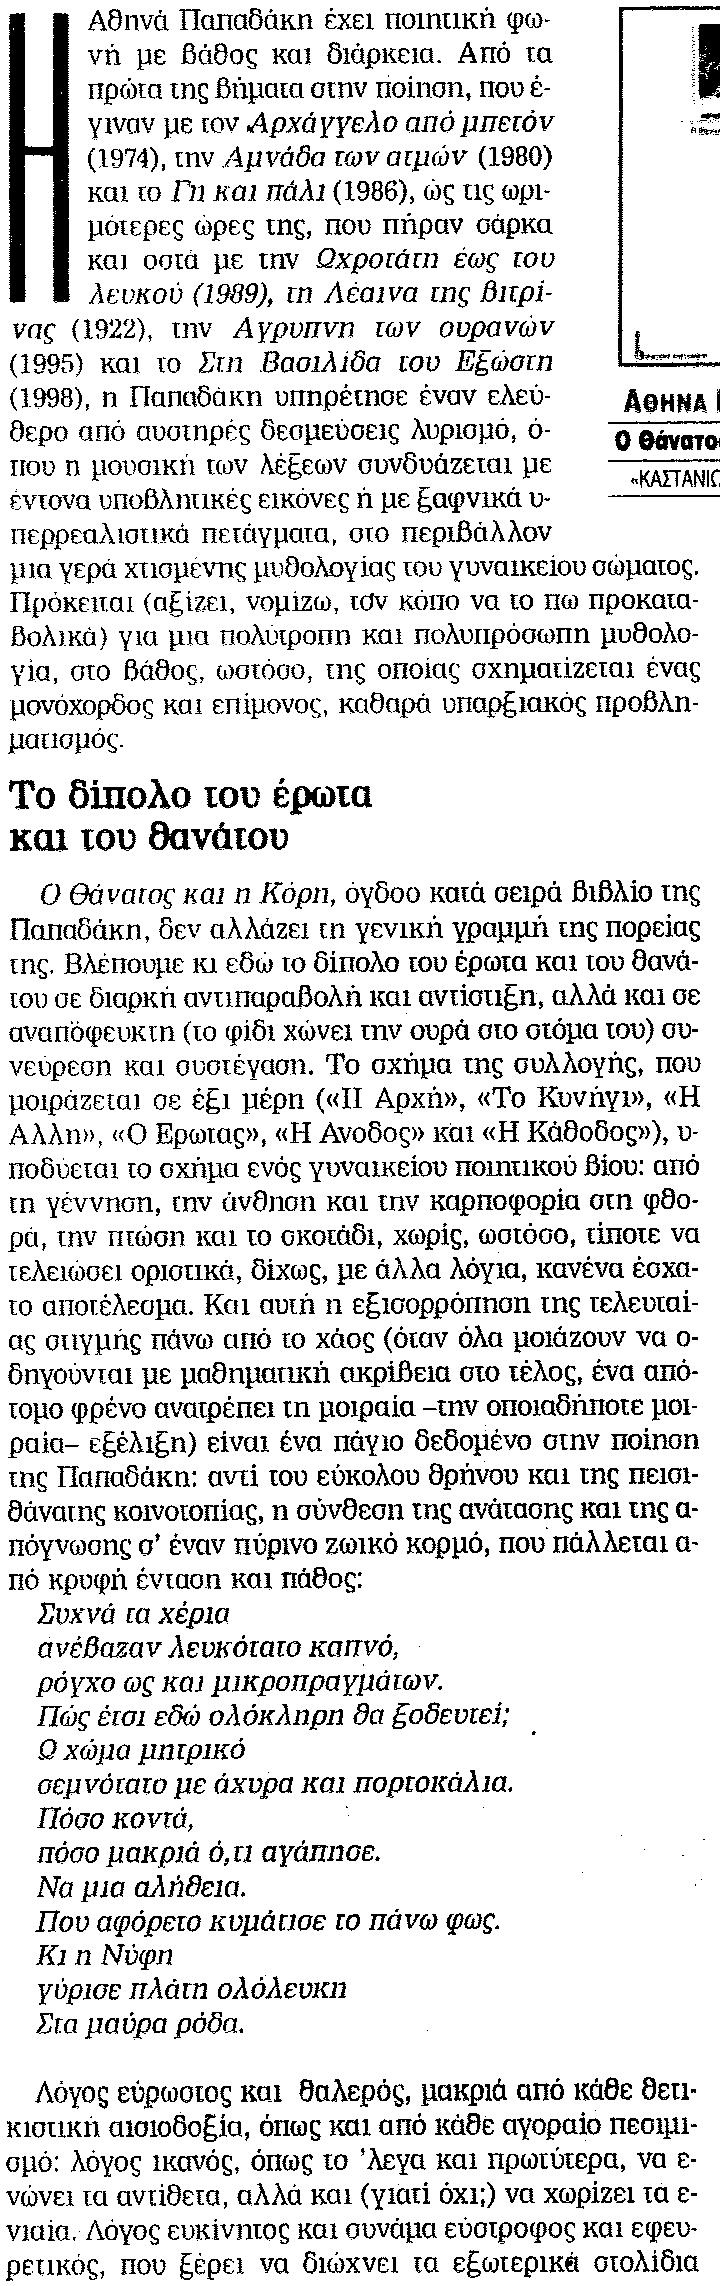 ΒΑΓΓΕΛΗΣ ΧΑΤΖΙΒΑΣΙΛΕΙΟΥ, Η ΜΥΘΟΛΟΓΙΑ ΤΟΥ ΓΥΝΑΙΚΕΙΟΥ ΣΩΜΑΤΟΣ1